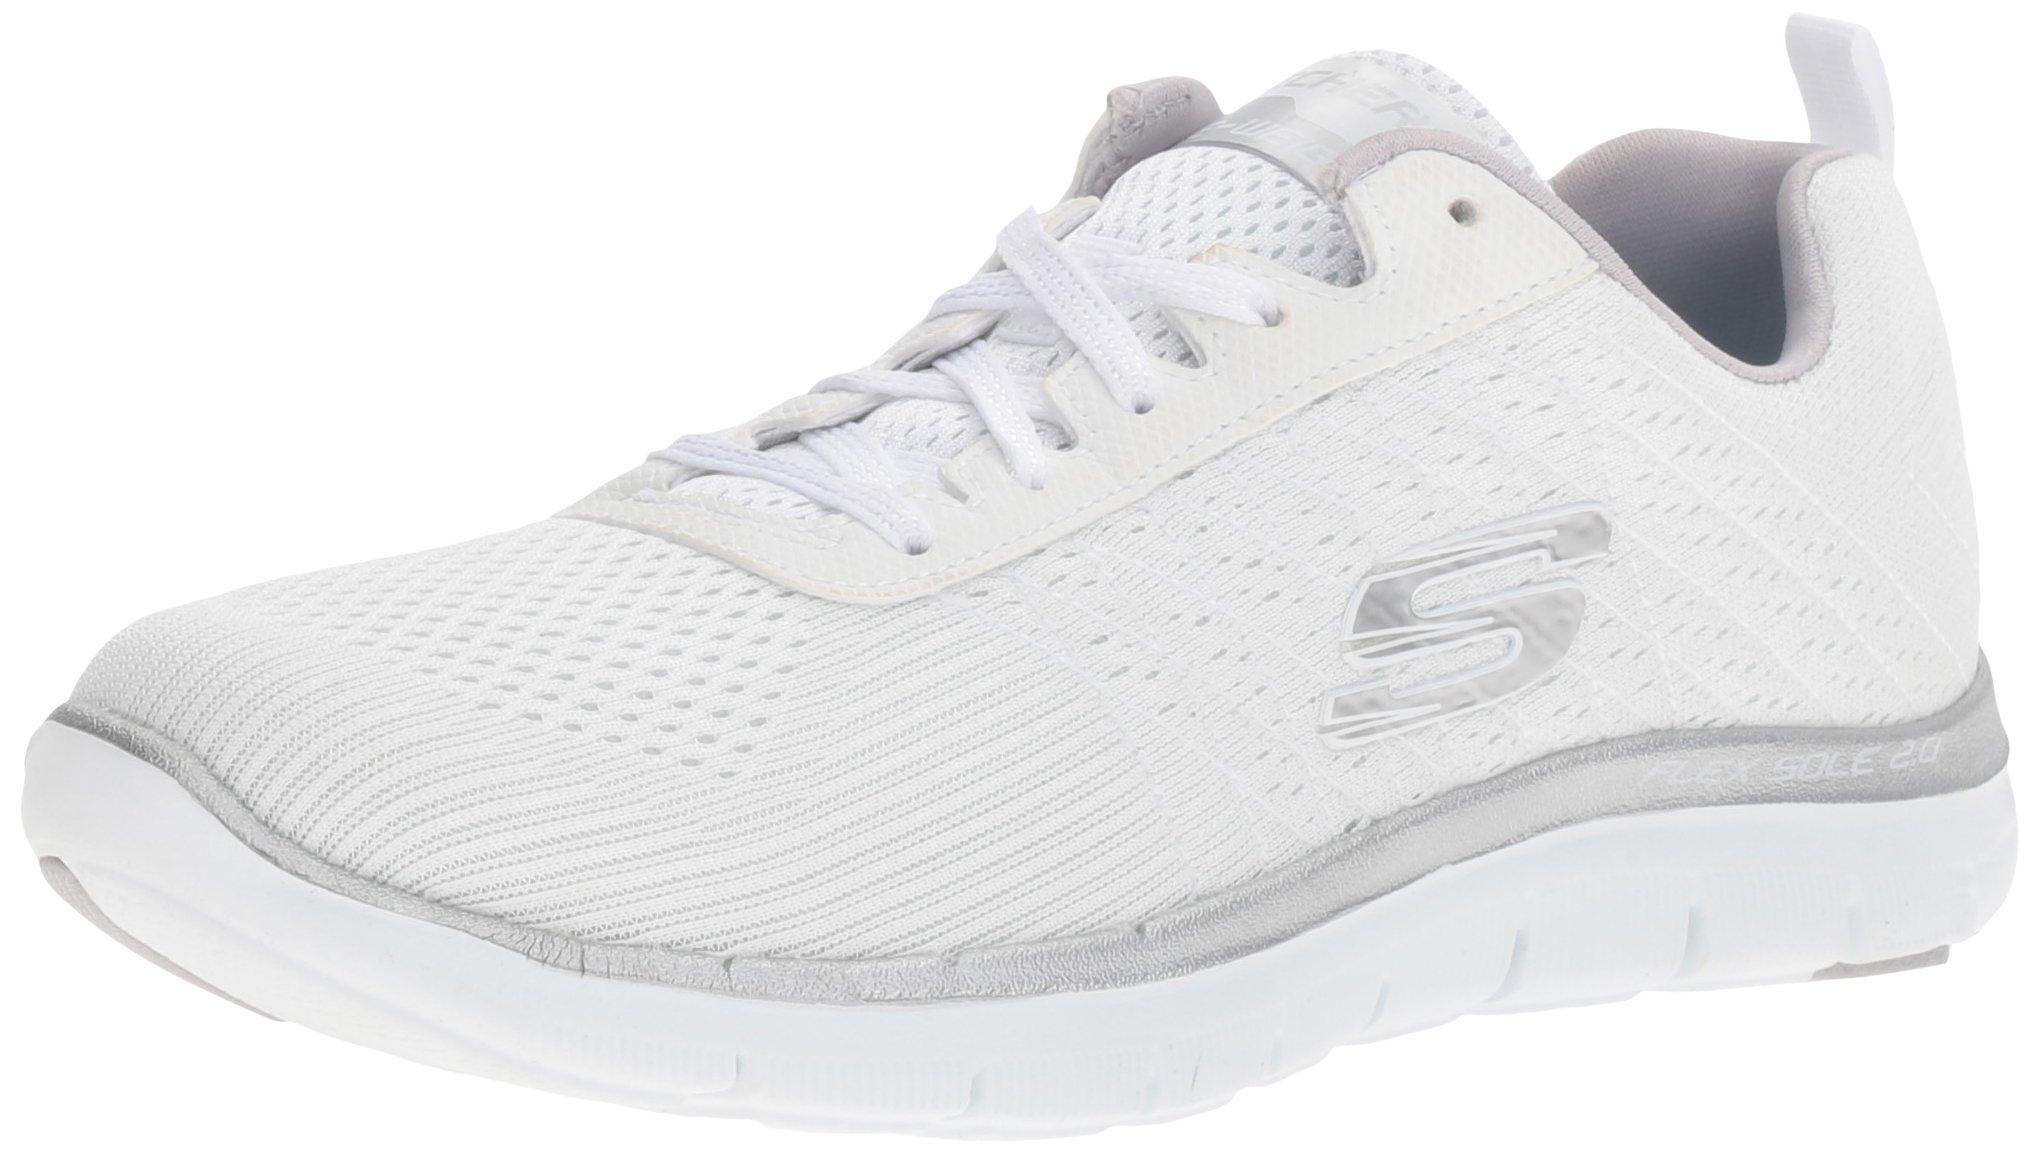 Skechers Sport Women's Flex Appeal 2.0 Break Free Fashion Sneaker, White/Silver, 8 M US